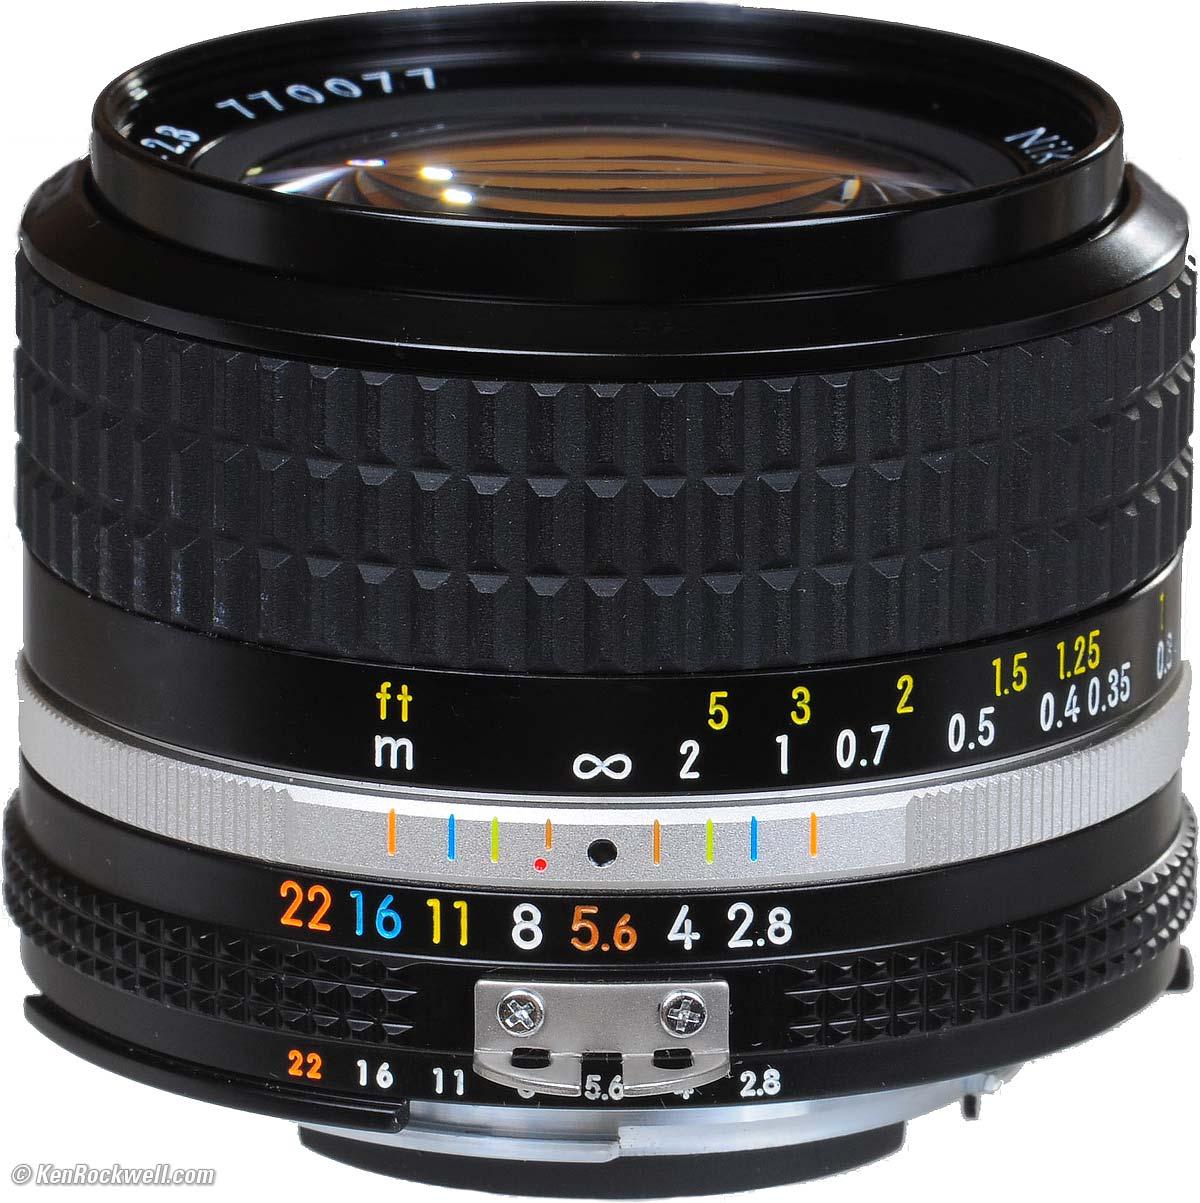 Nikkor 24mm f 2.8